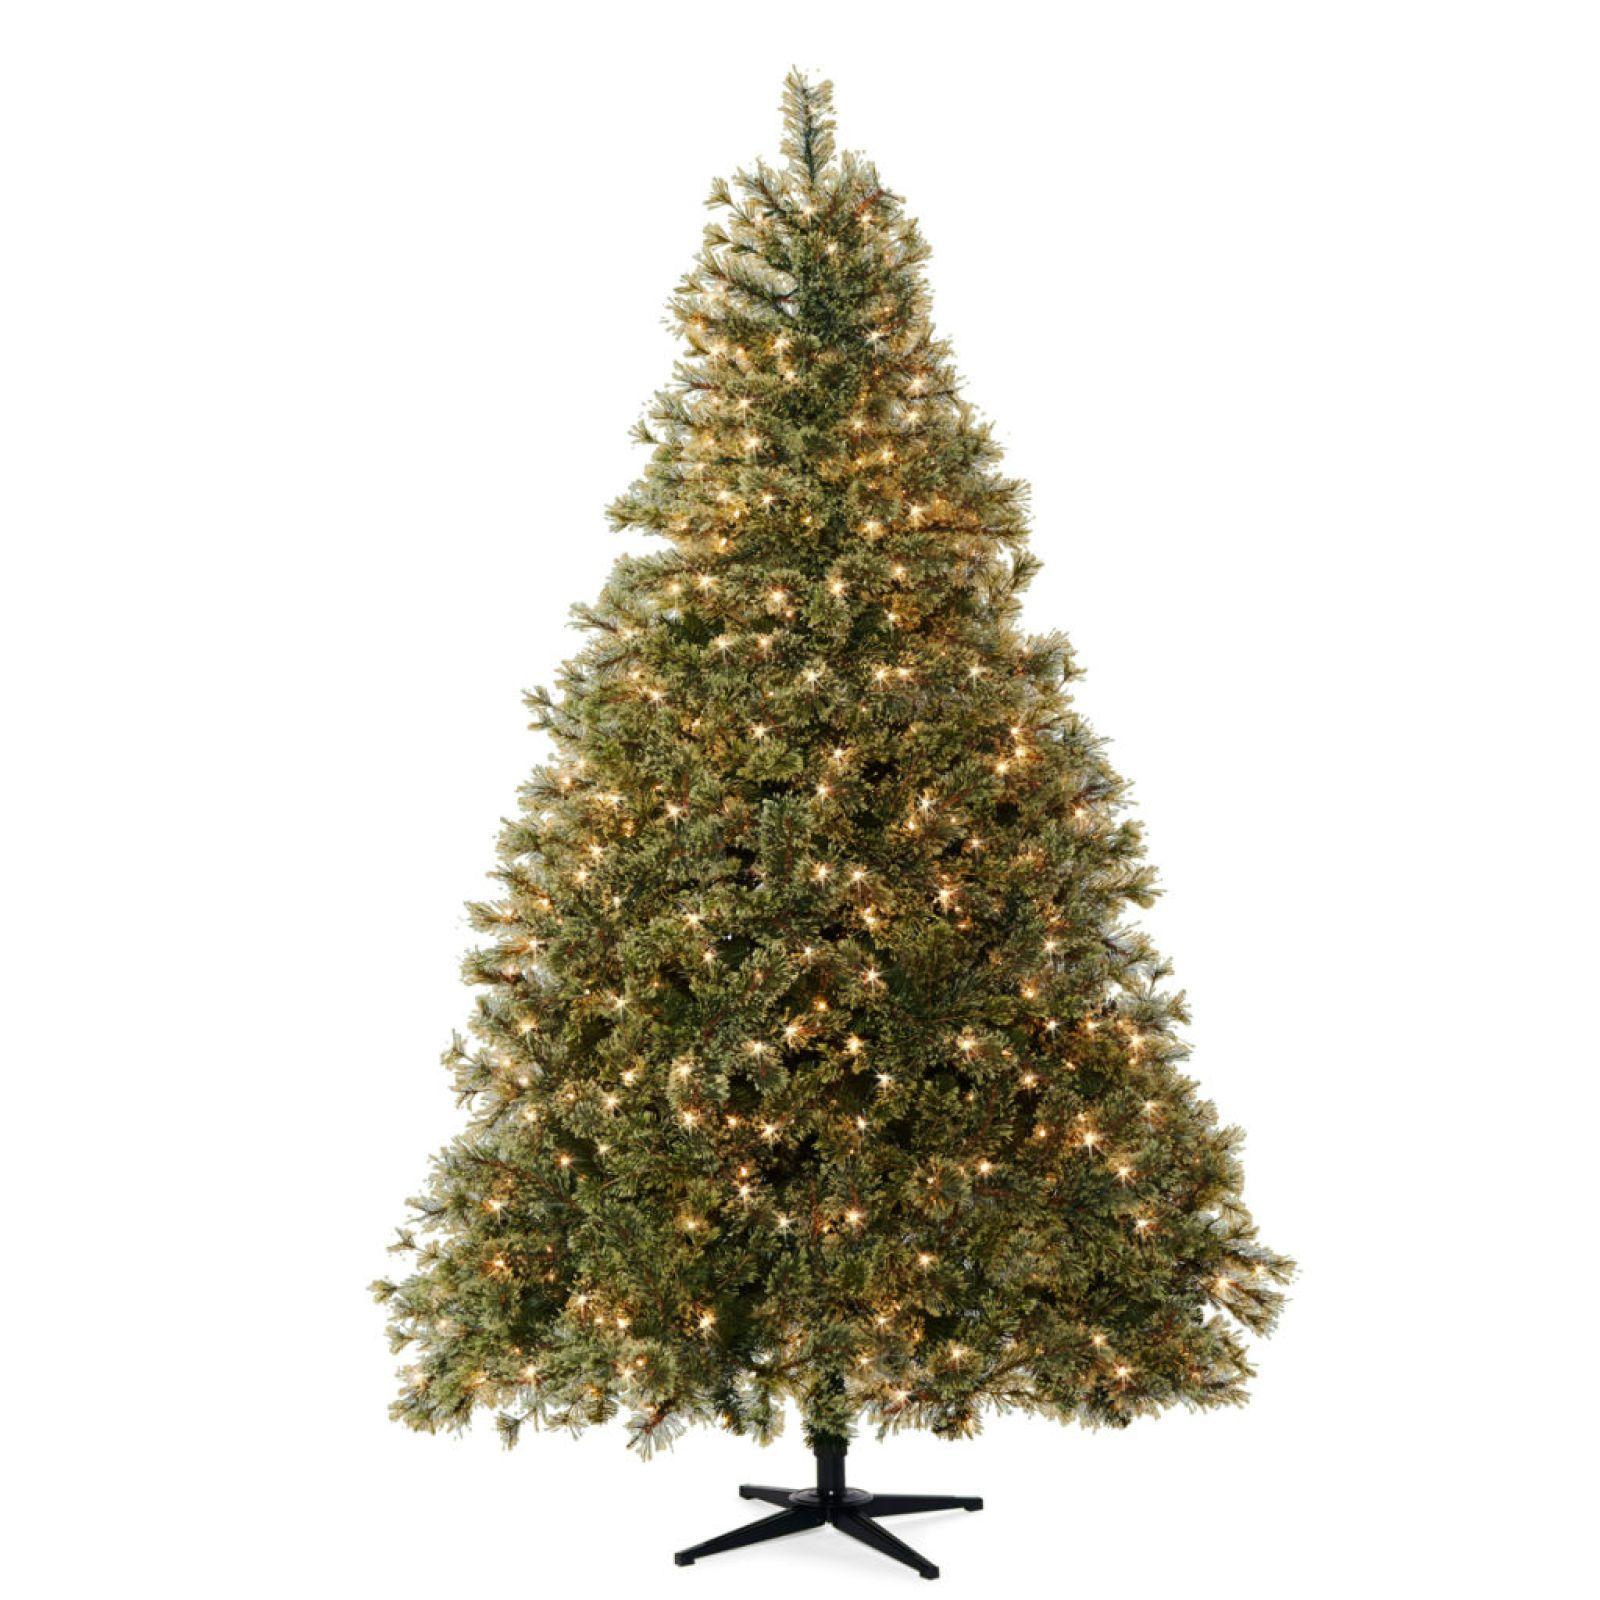 7 5ft Pre Lit Quick Set™ Jasper Cashmere Artificial Christmas Tree